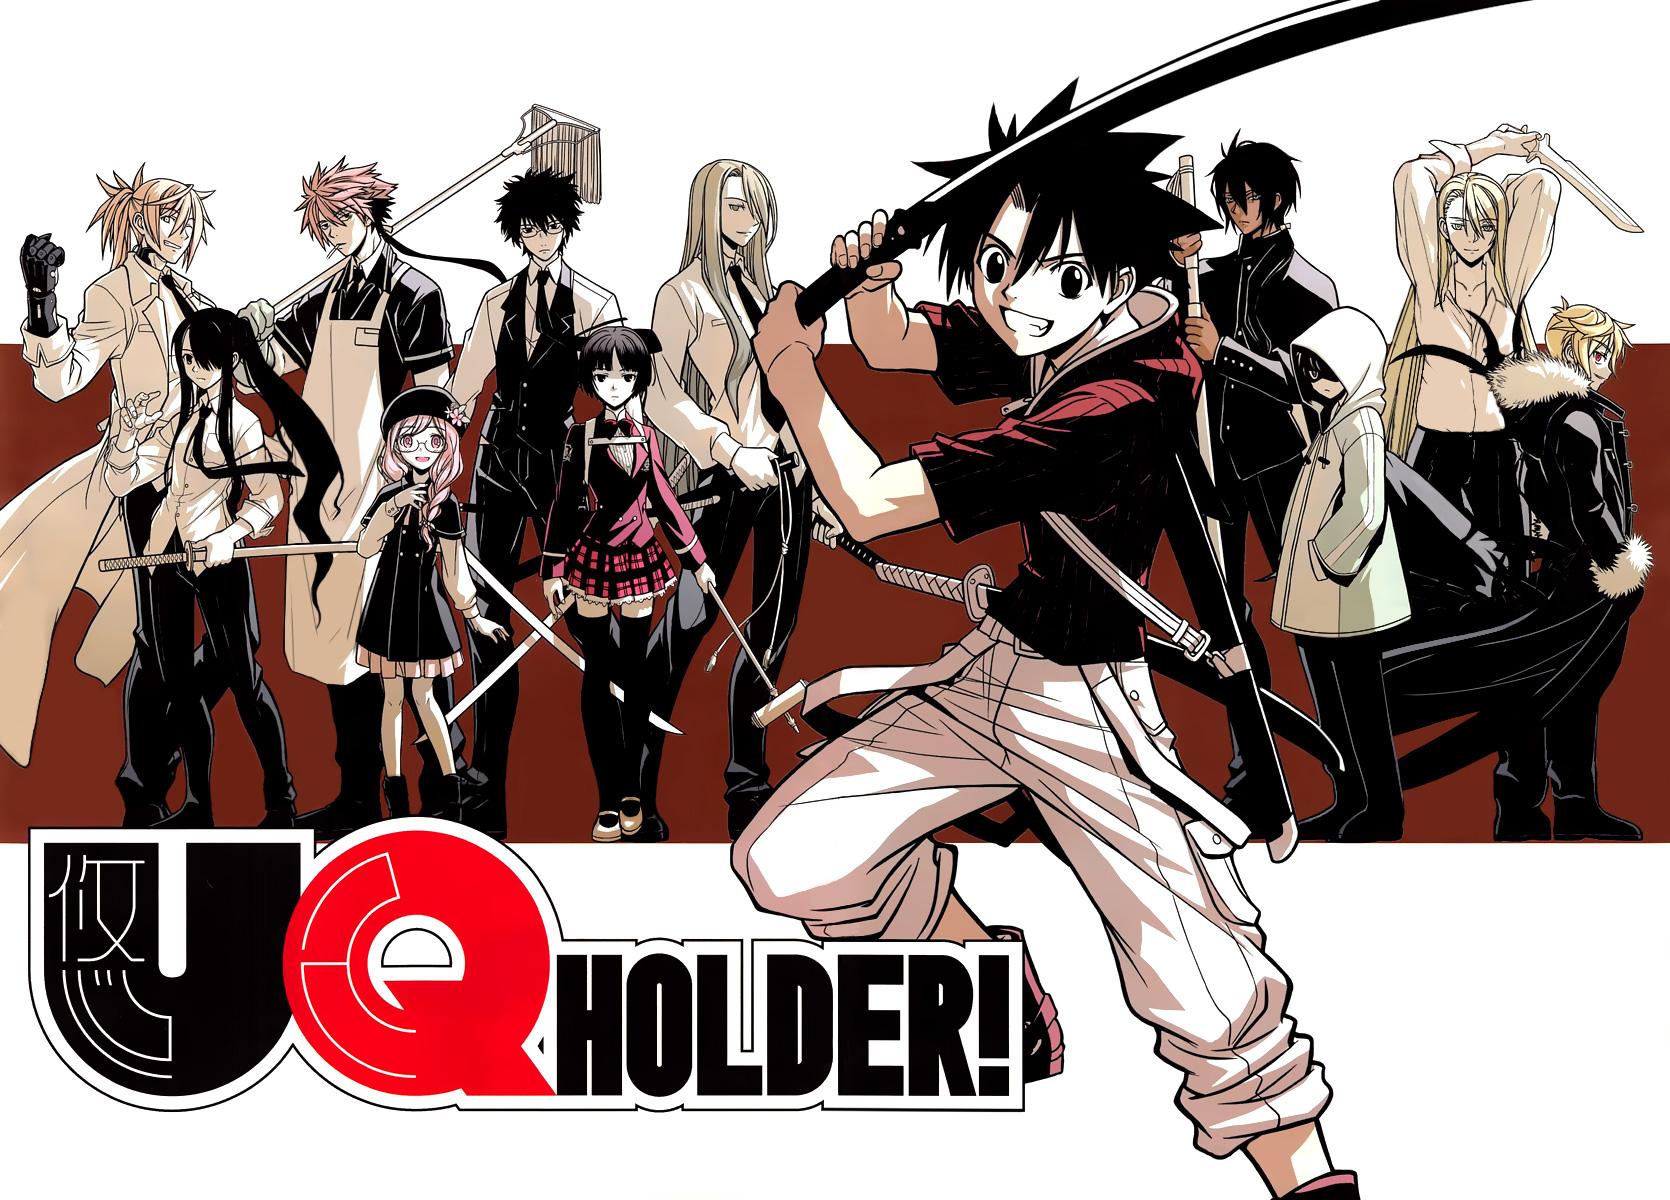 아카마츠 켄 'UQ HOLDER!' 애니메이션화 결정!